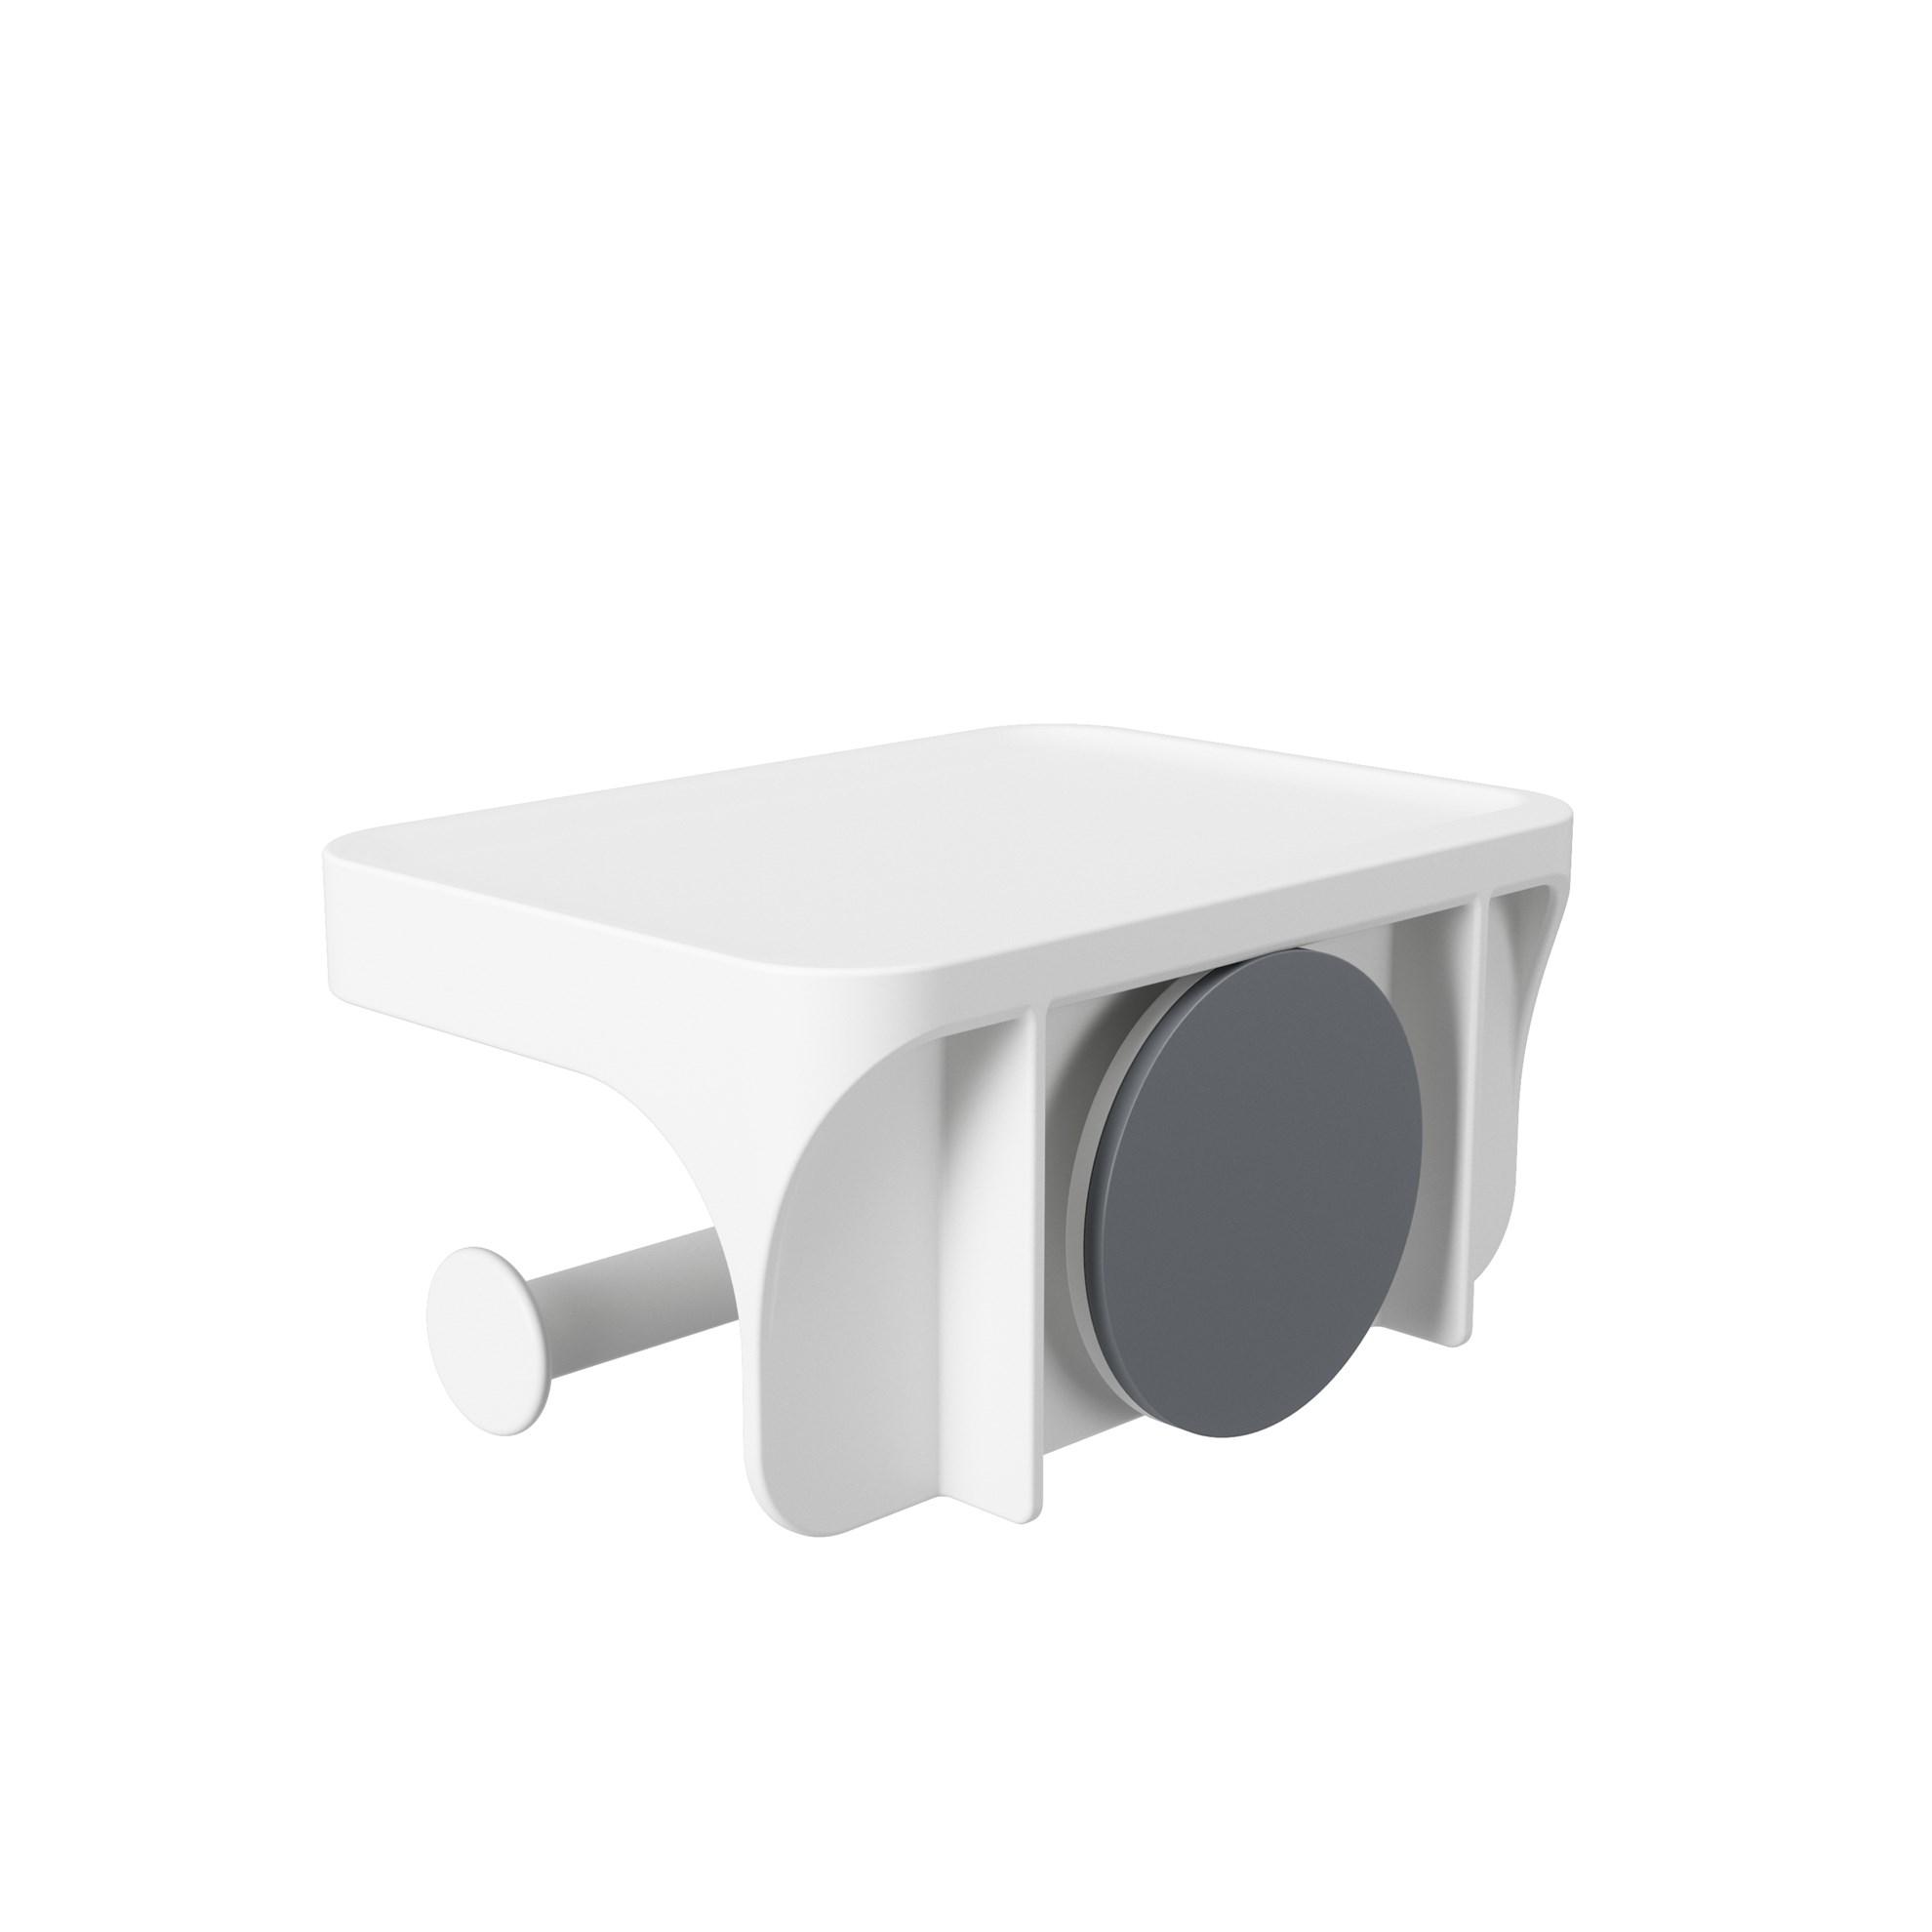 Držák na toaletní papír FLEX bílý_1